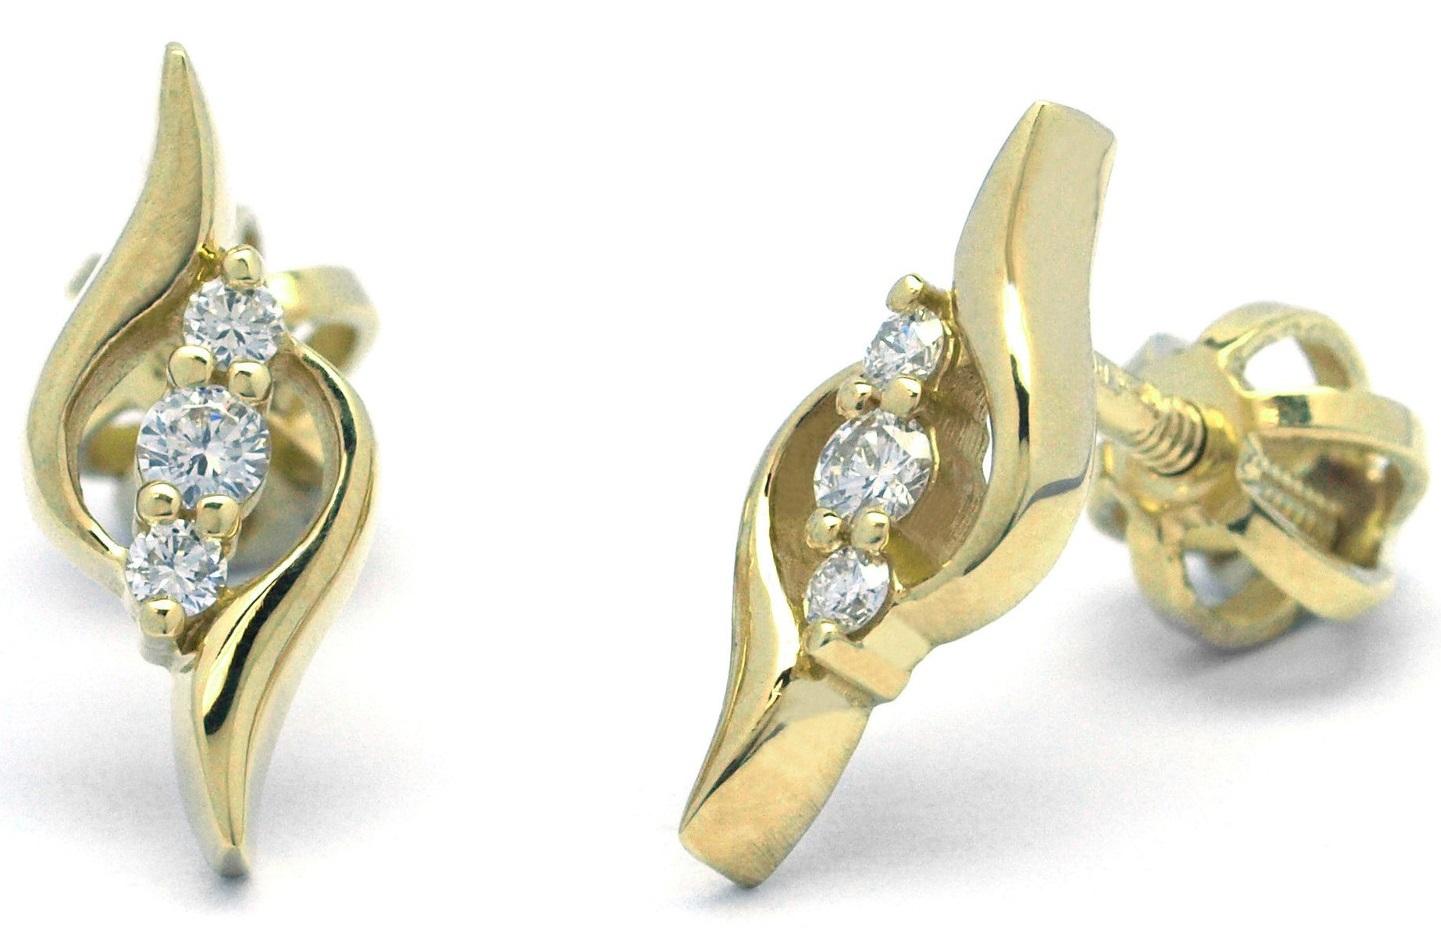 Diamantové zlaté náušnice z žlutého zlata na šroubek J-29999-18 (J-29999-18 - POŠTOVNÉ ZDARMA!!)